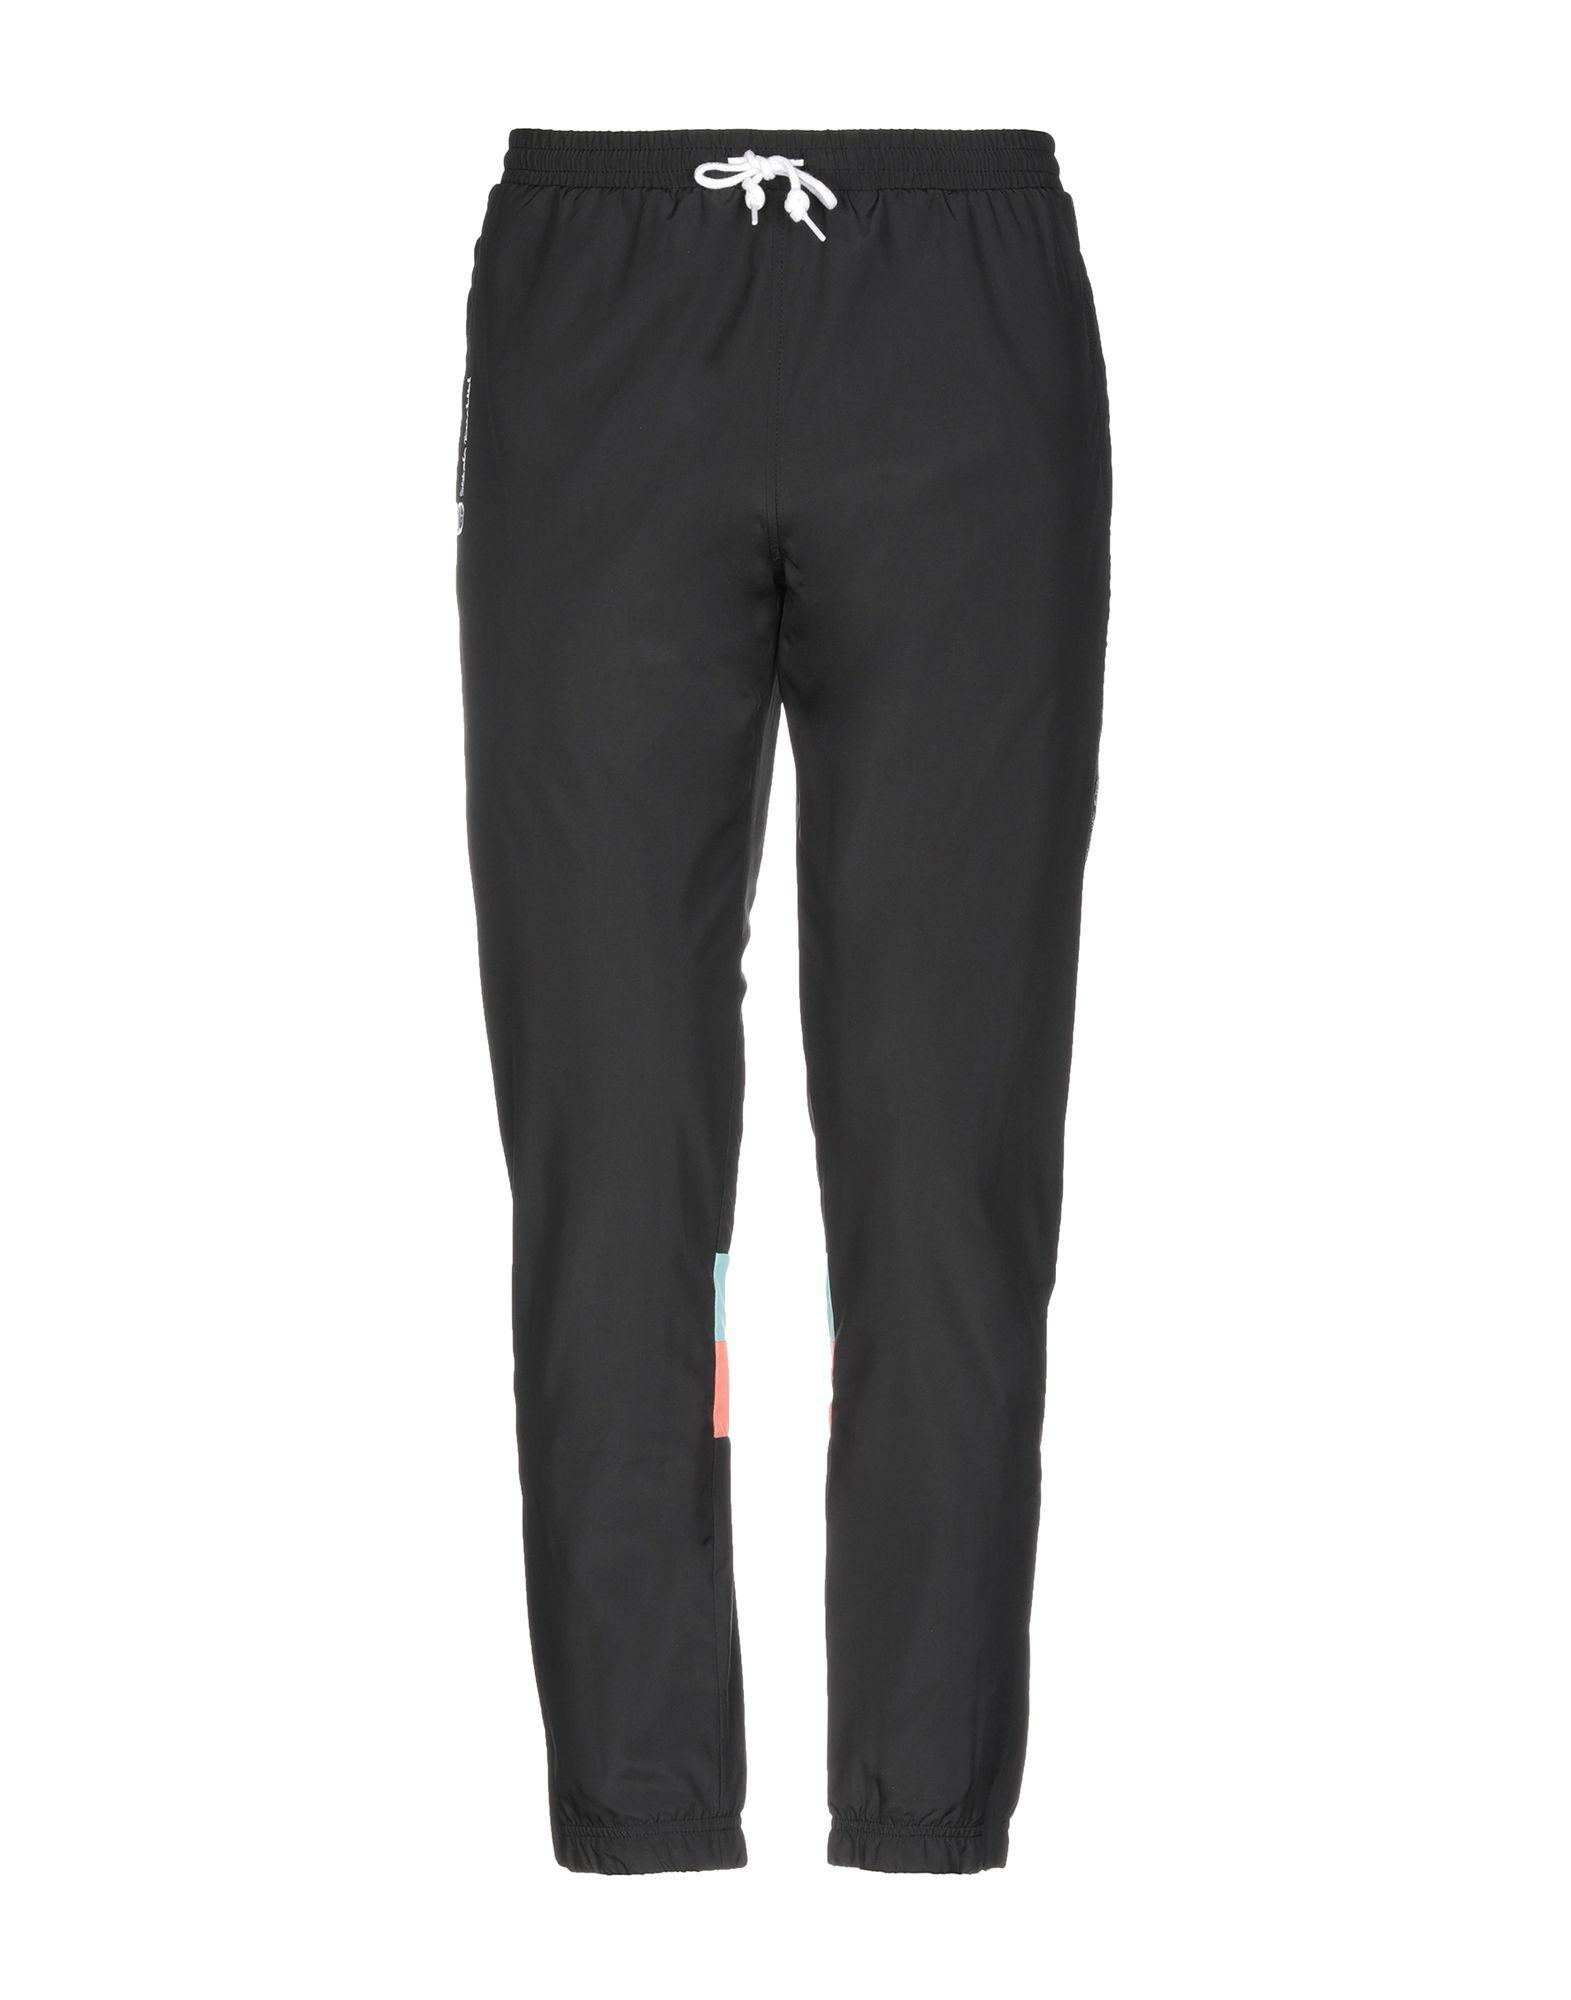 《送料無料》SERGIO TACCHINI メンズ パンツ ブラック S ポリエステル 100%